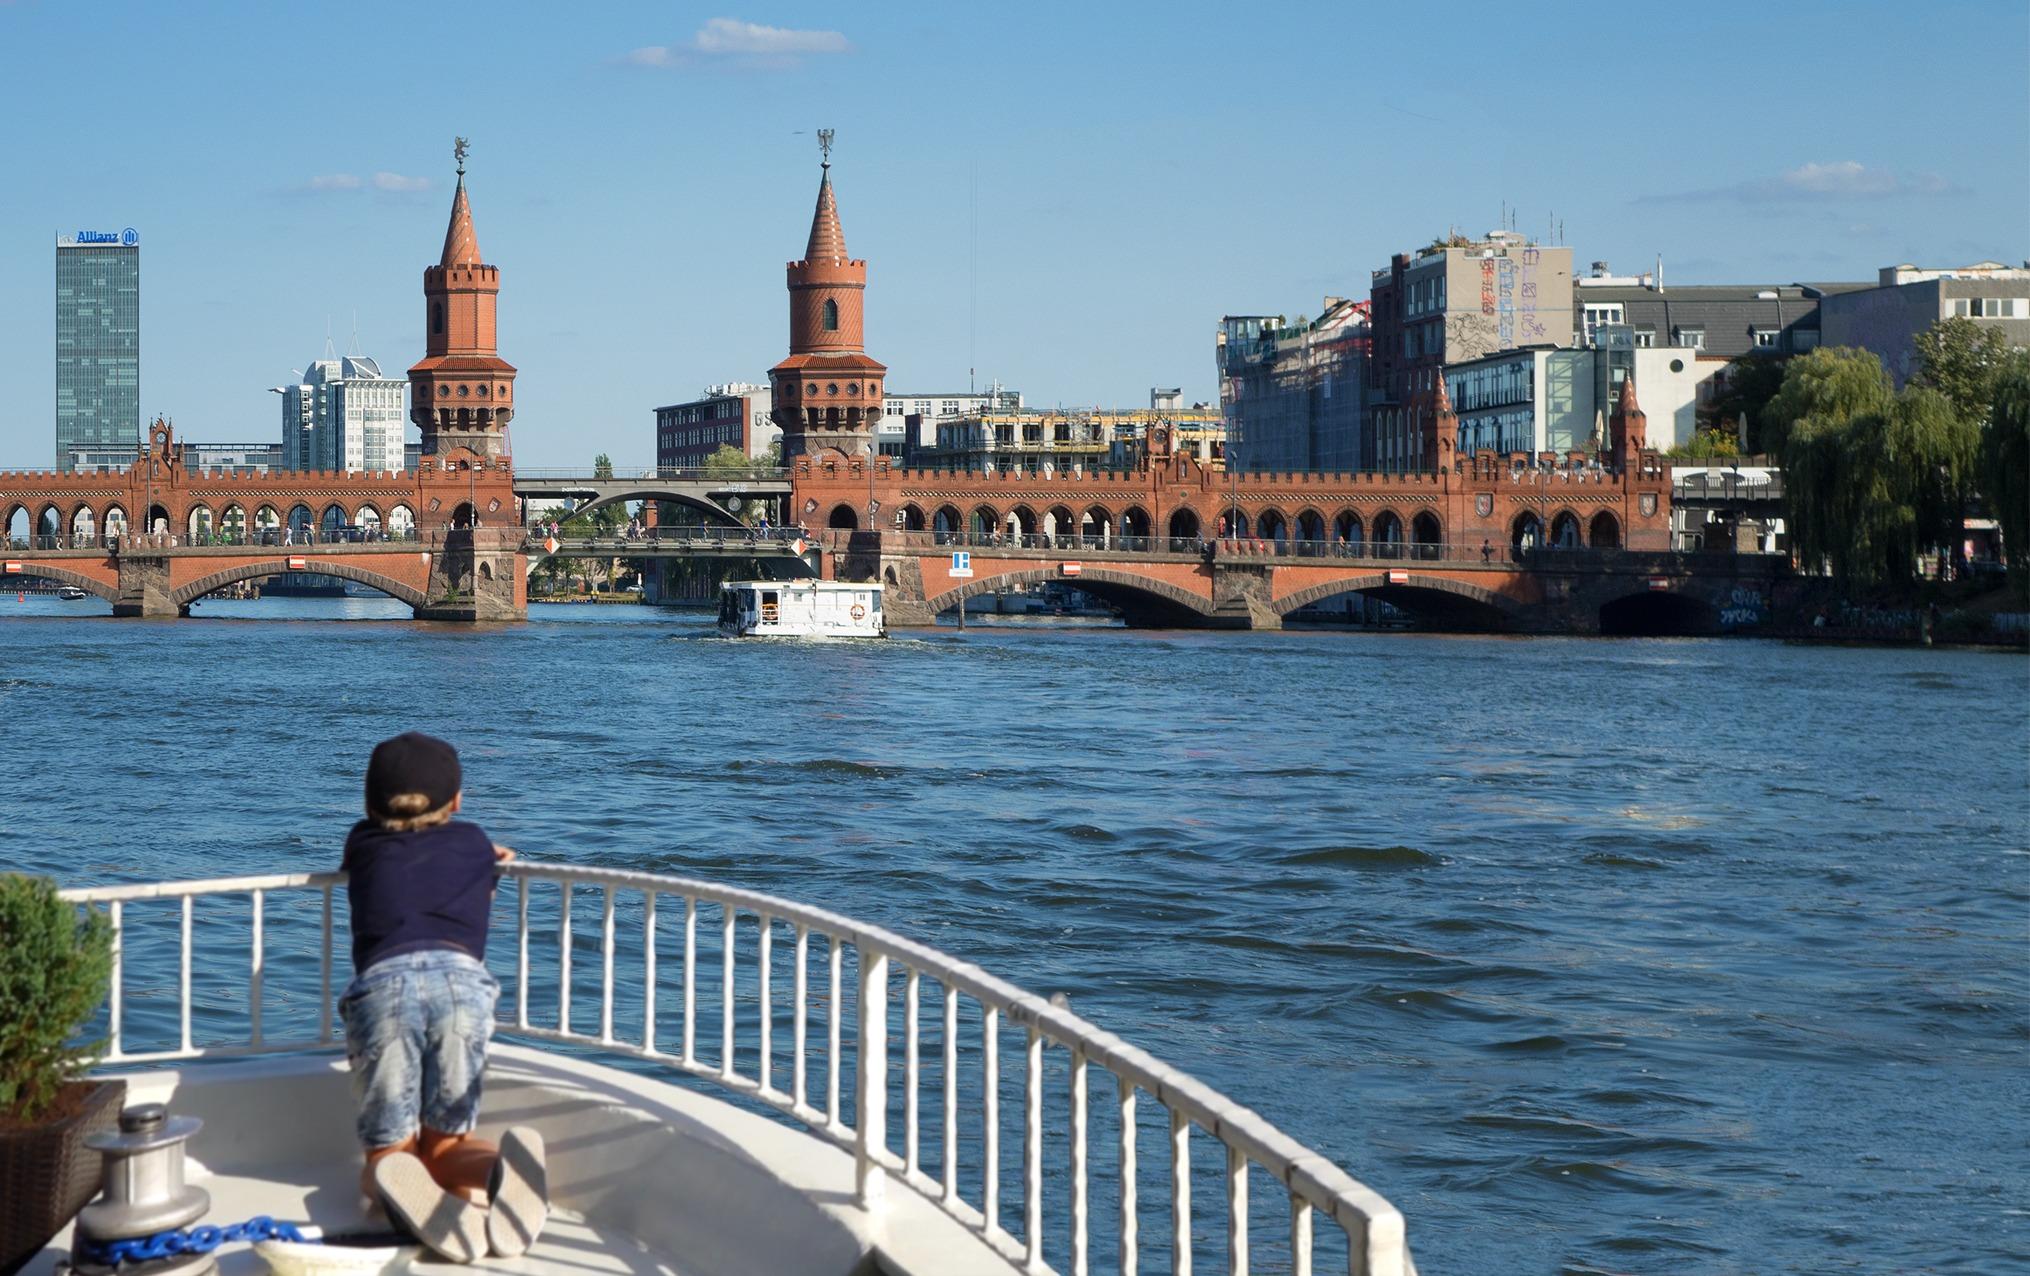 Dampferfahrt Berlin - Oberbaumbrücke